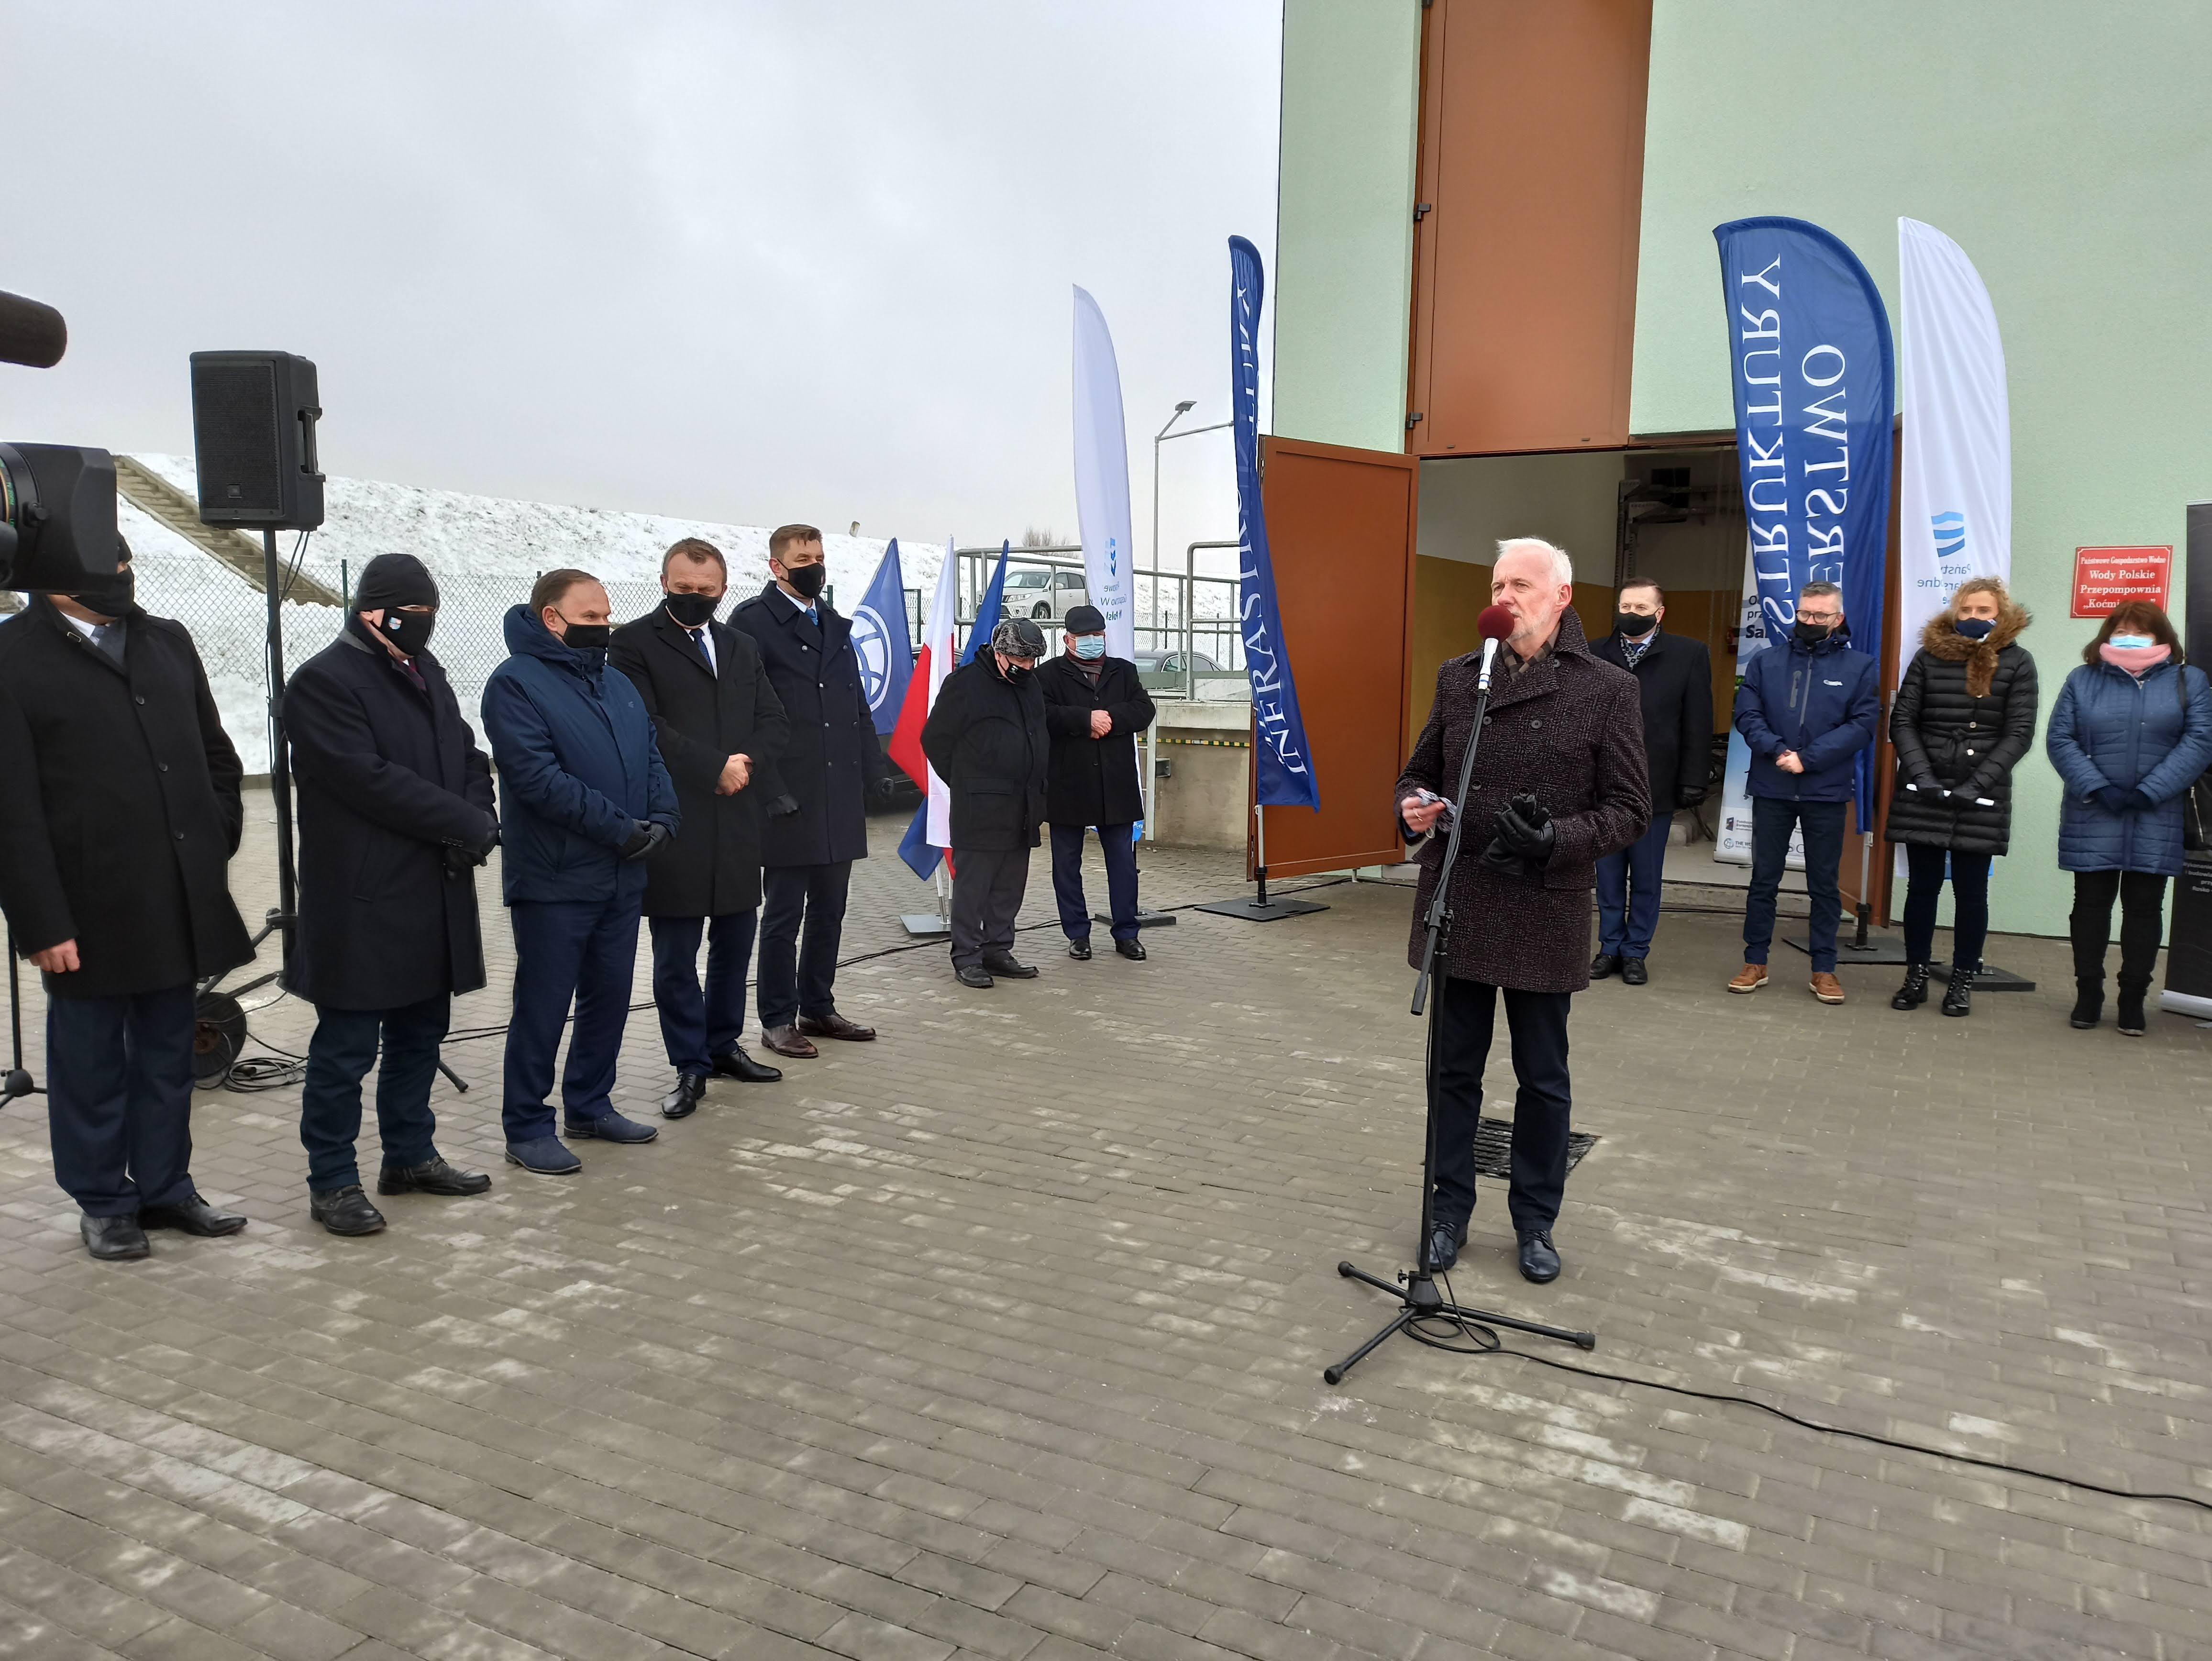 Inwestycja w Sandomierzu ma oddalić zagrożenie powodziowe. Czy jesteśmy teraz bezpieczni? - Zdjęcie główne